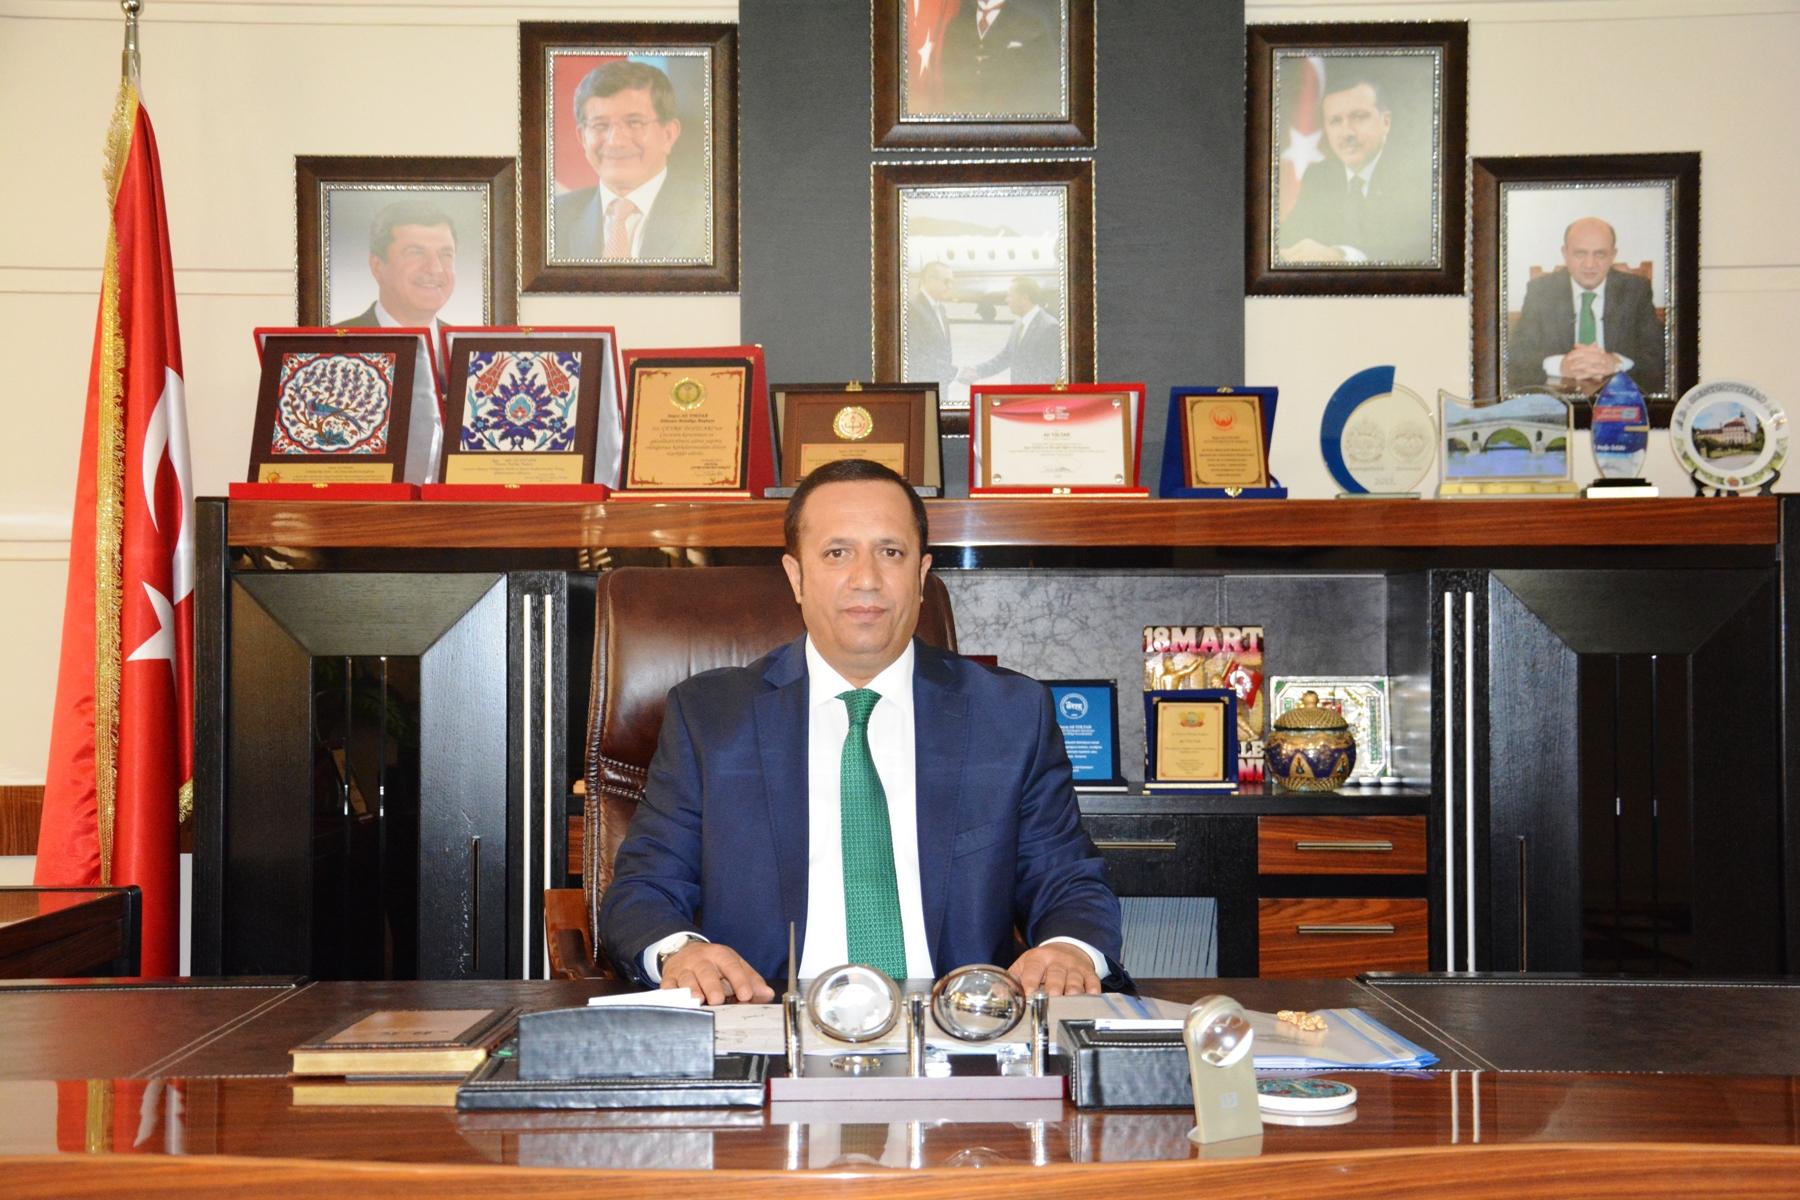 Başkan Toltar'dan 17 Ağustos Mesajı